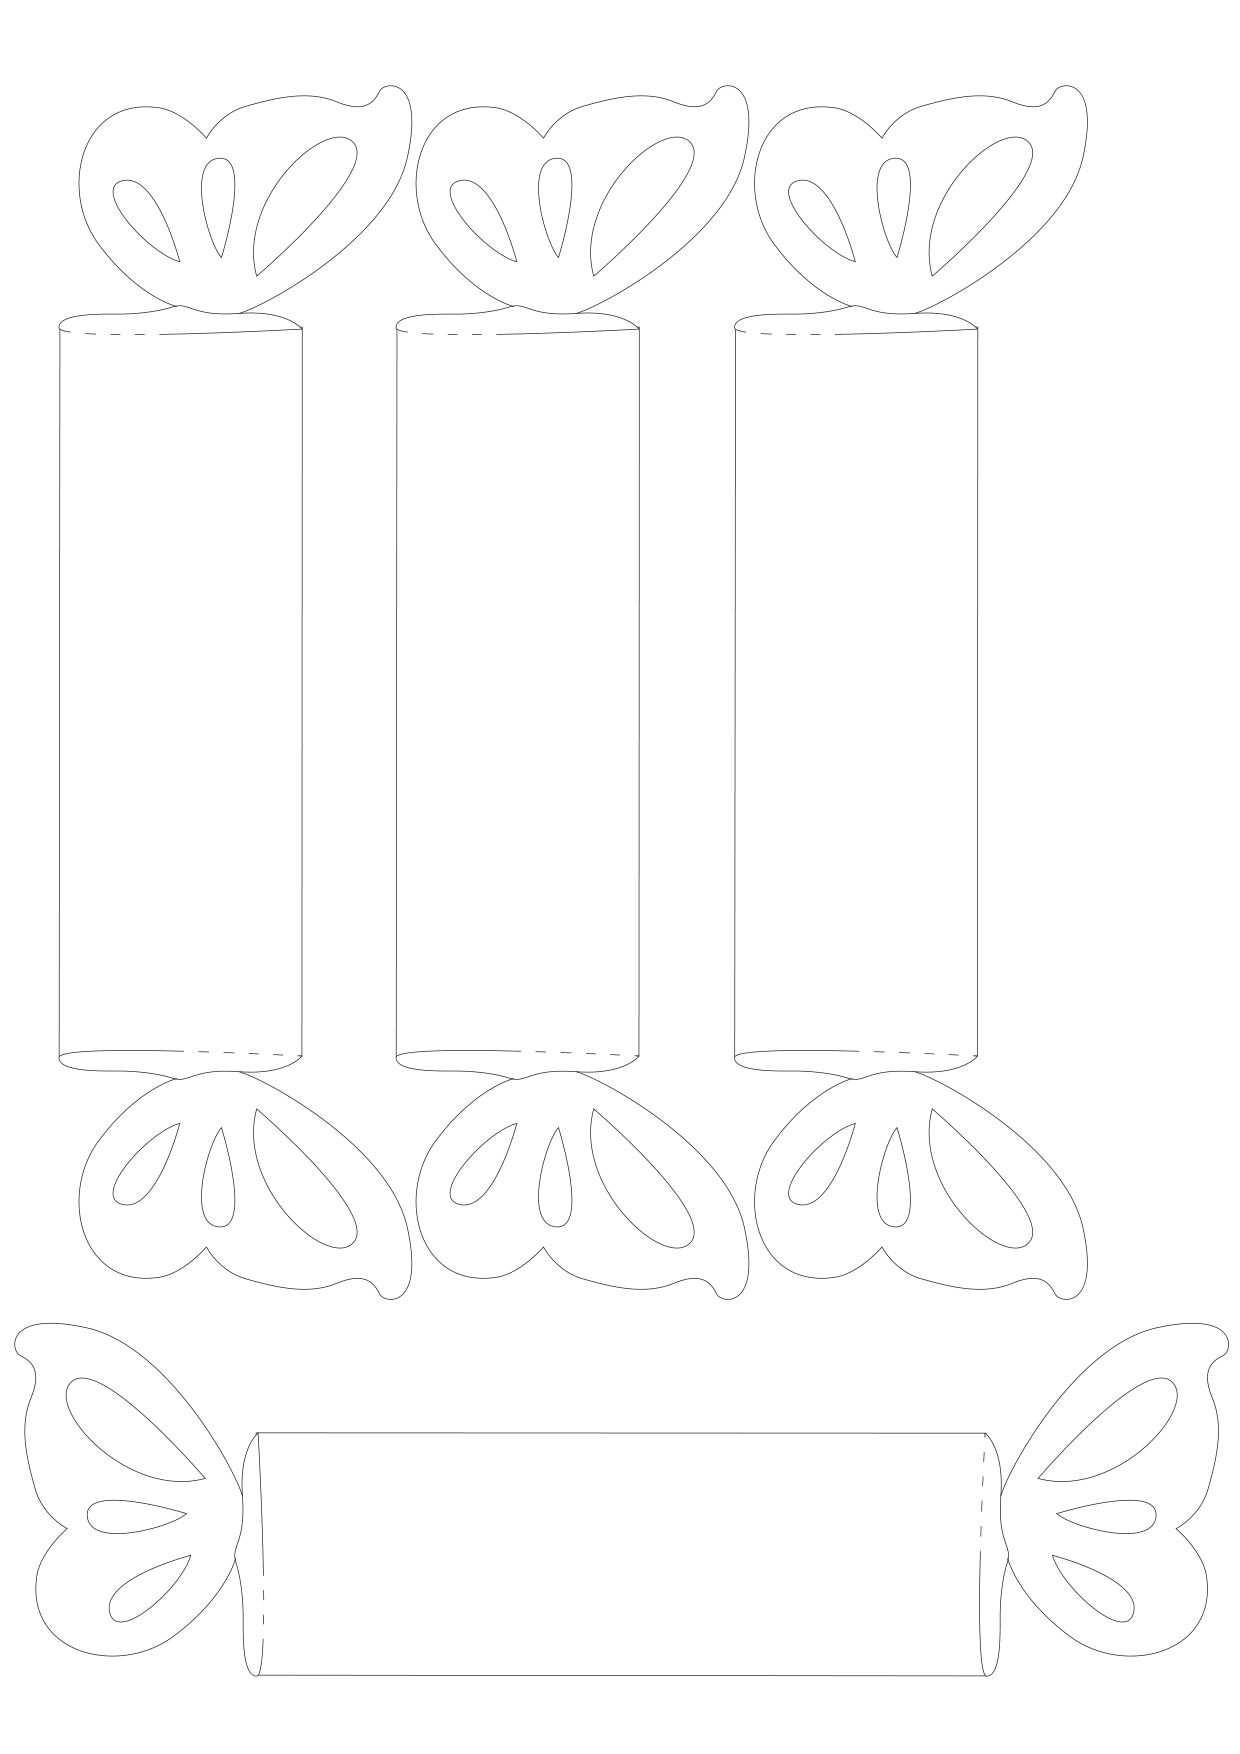 Einen Serviettenring Mit Schmetterling Basteln Ist Mit Dieser Vorlage Kein Problem Probier Es Aus Schmetterlinge Basteln Basteln Mit Papier Basteln